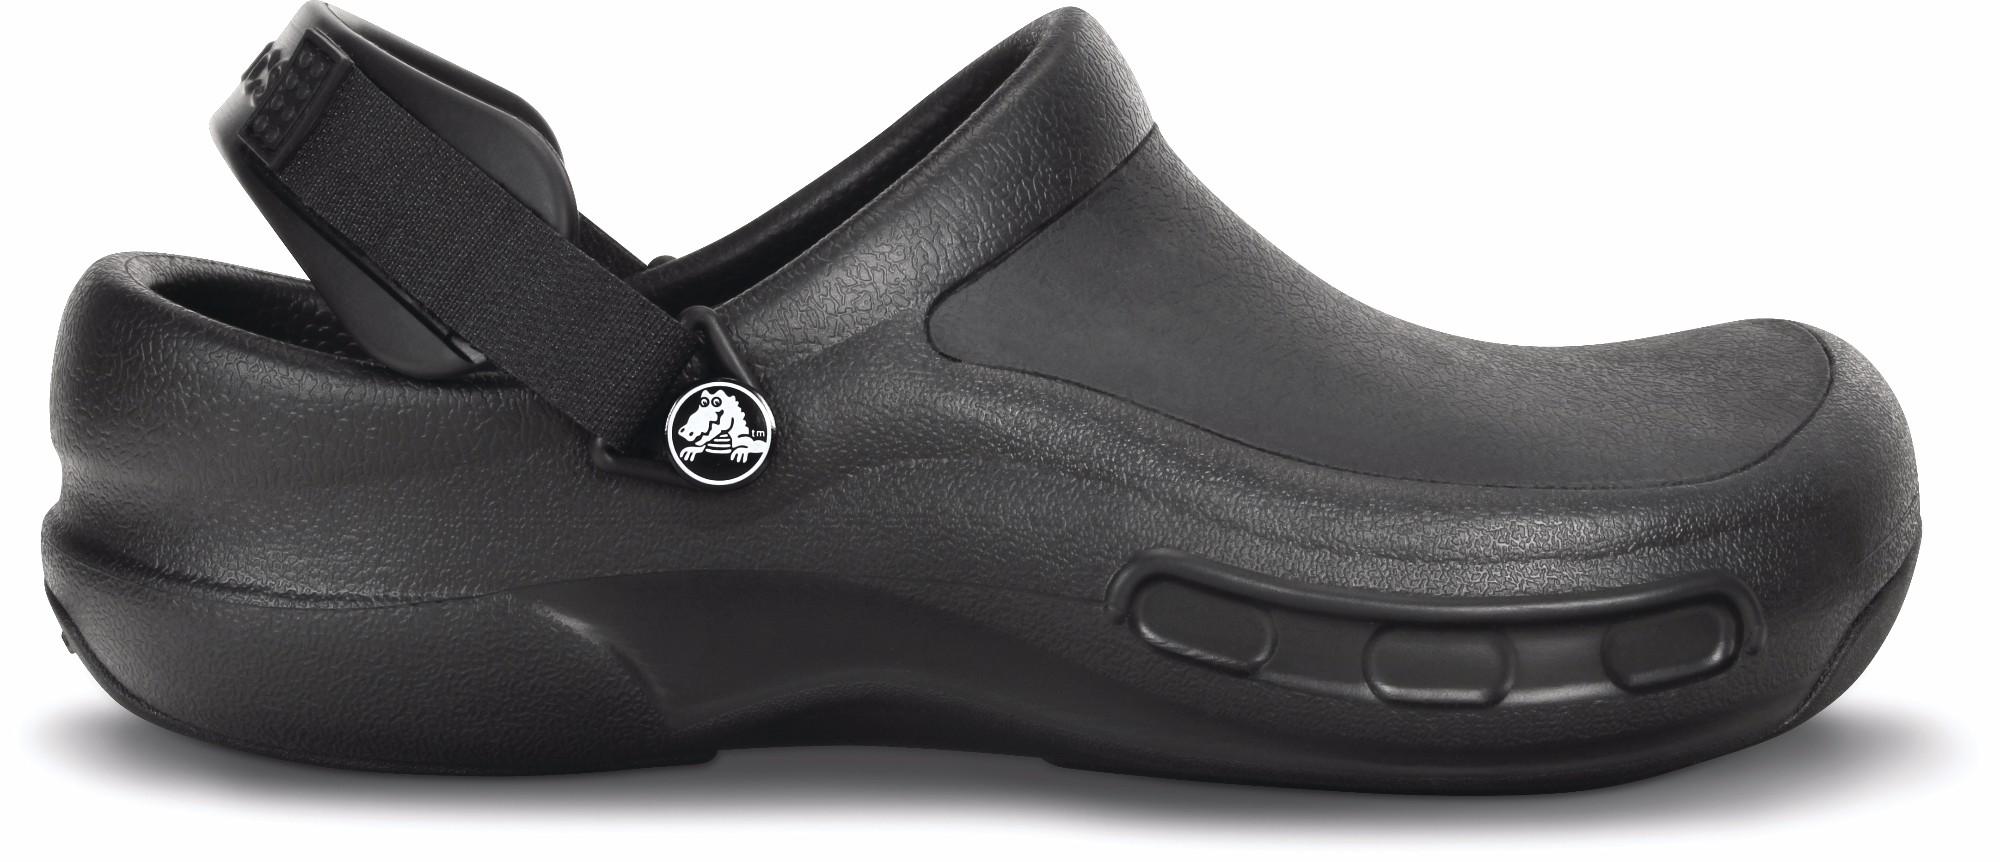 ec05afcc0 Previous. Crocs™ Bistro Pro Clog Black ...